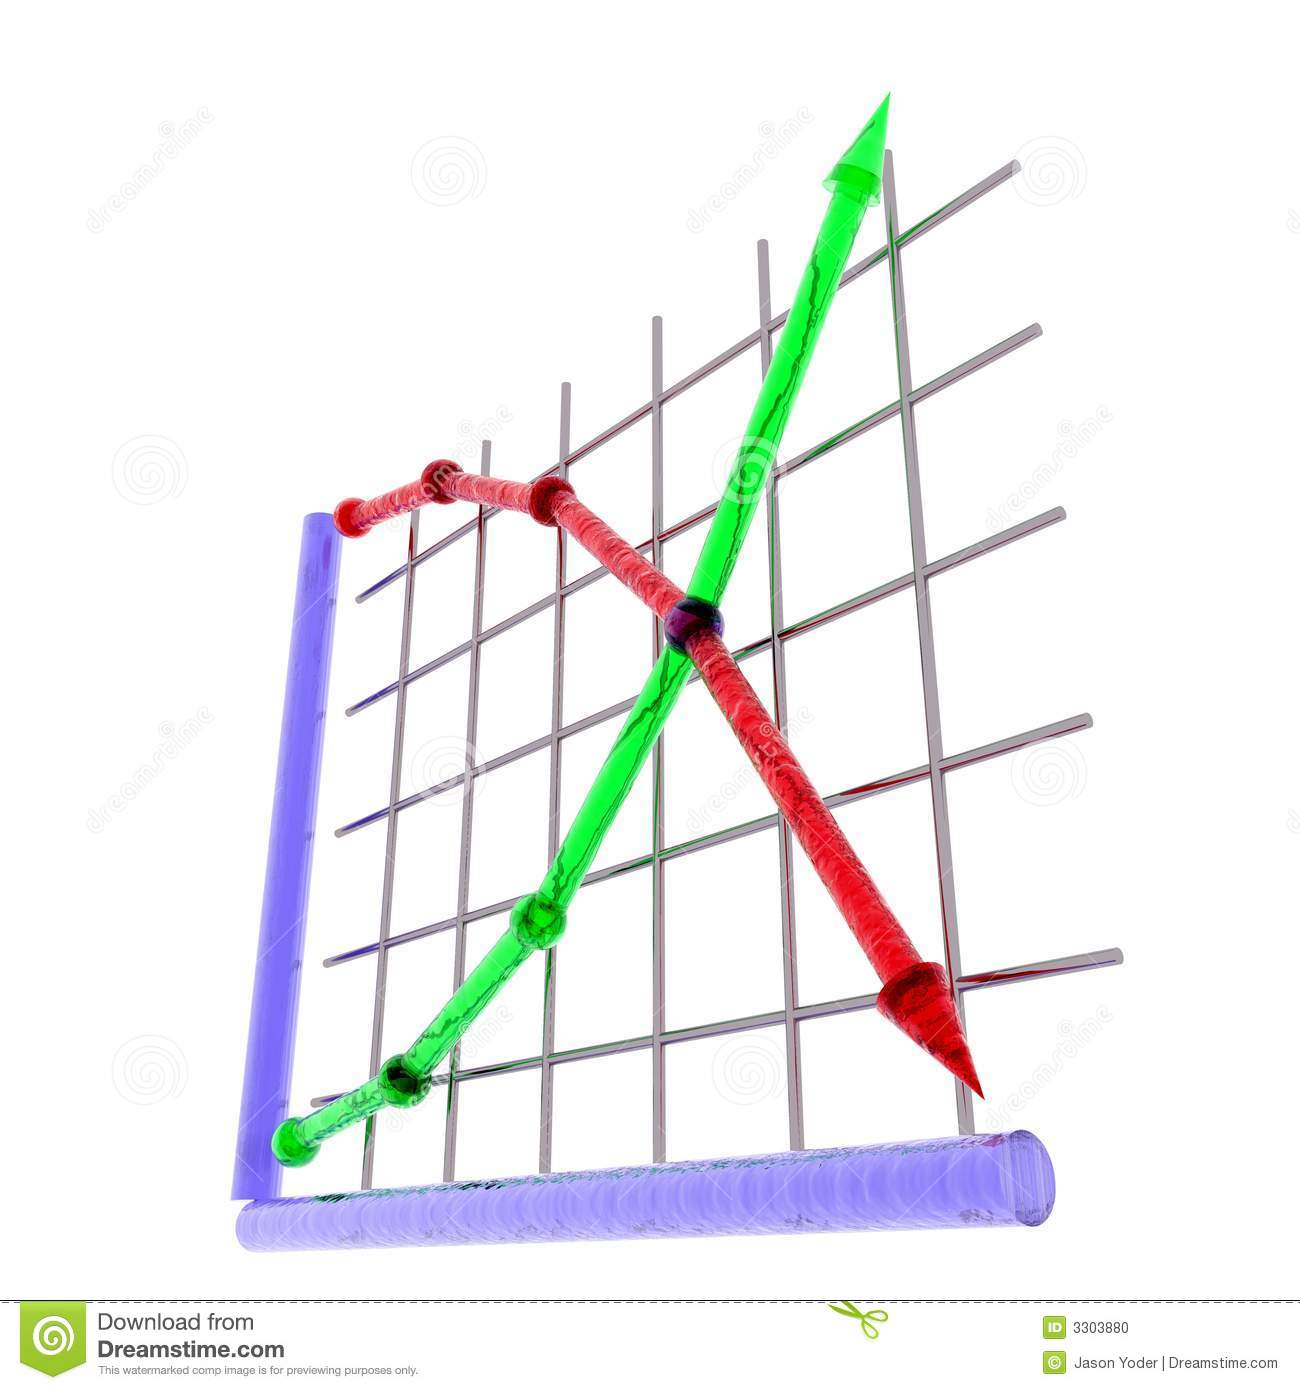 Stock illustrationen vektors klipart. Angebot und nachfrage clipart